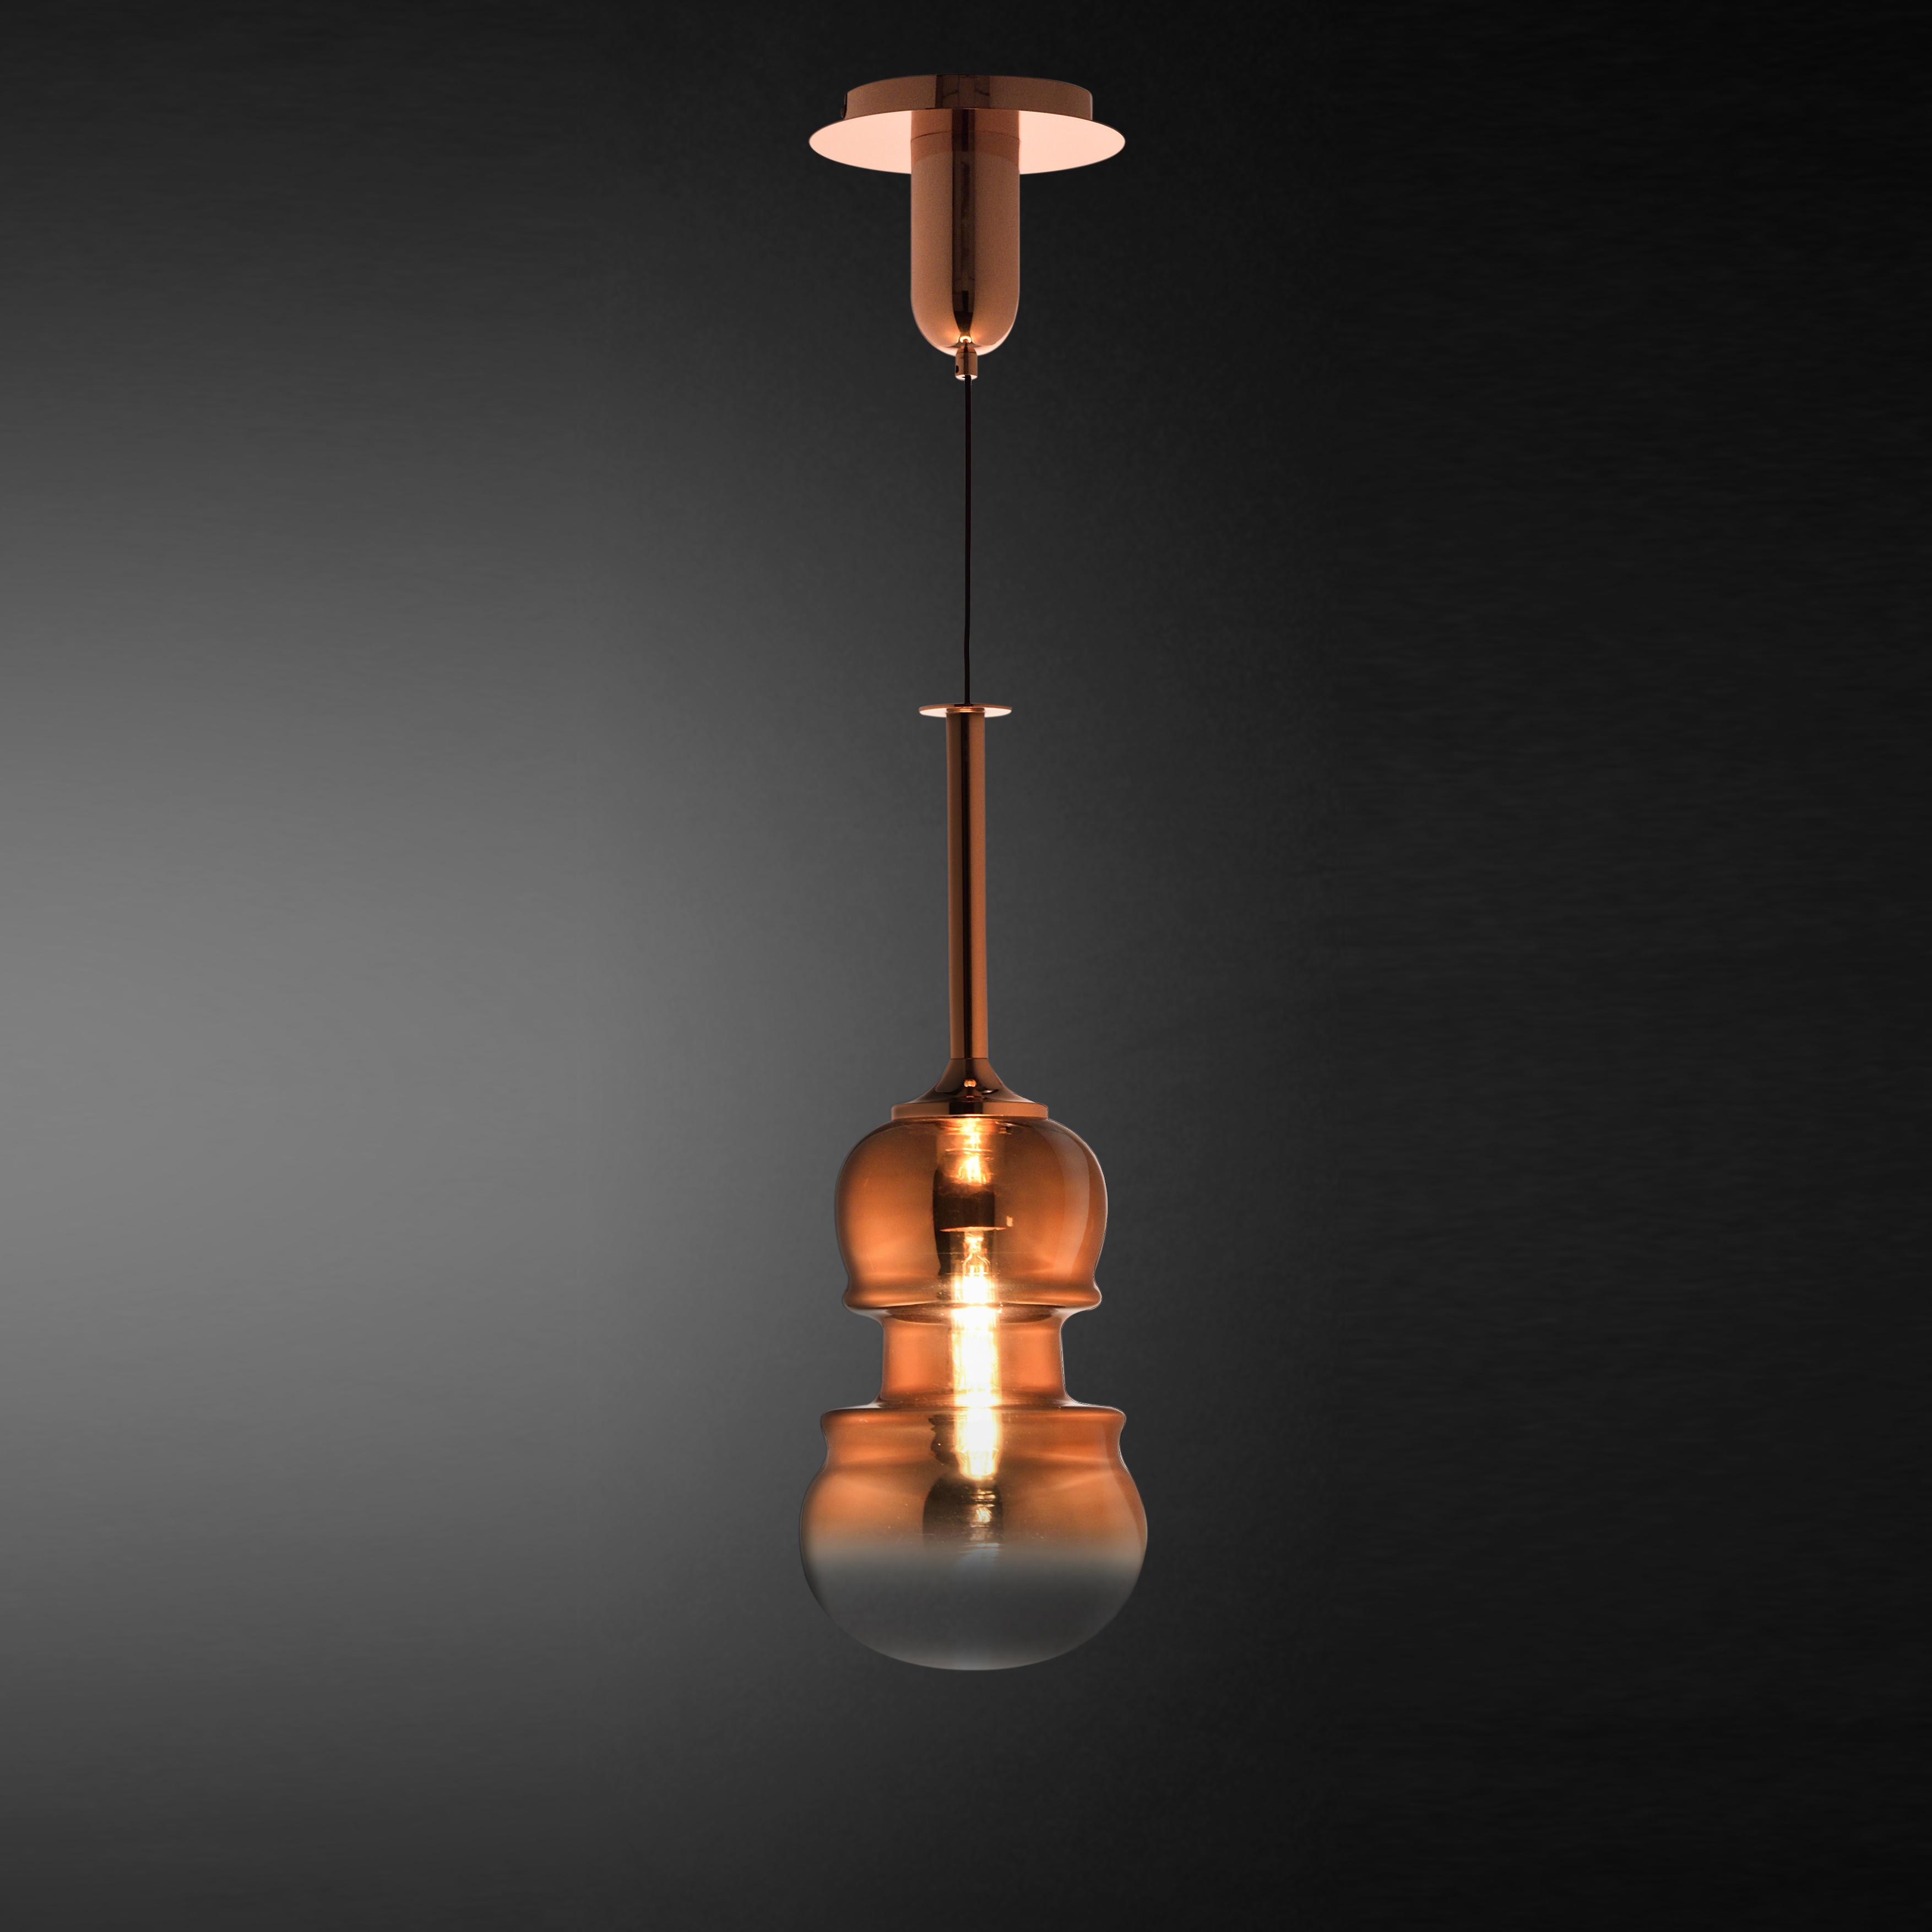 Подвесной светильник Mantra Sonata 6695, 1xE27x40W, медь, металл, стекло - фото 2